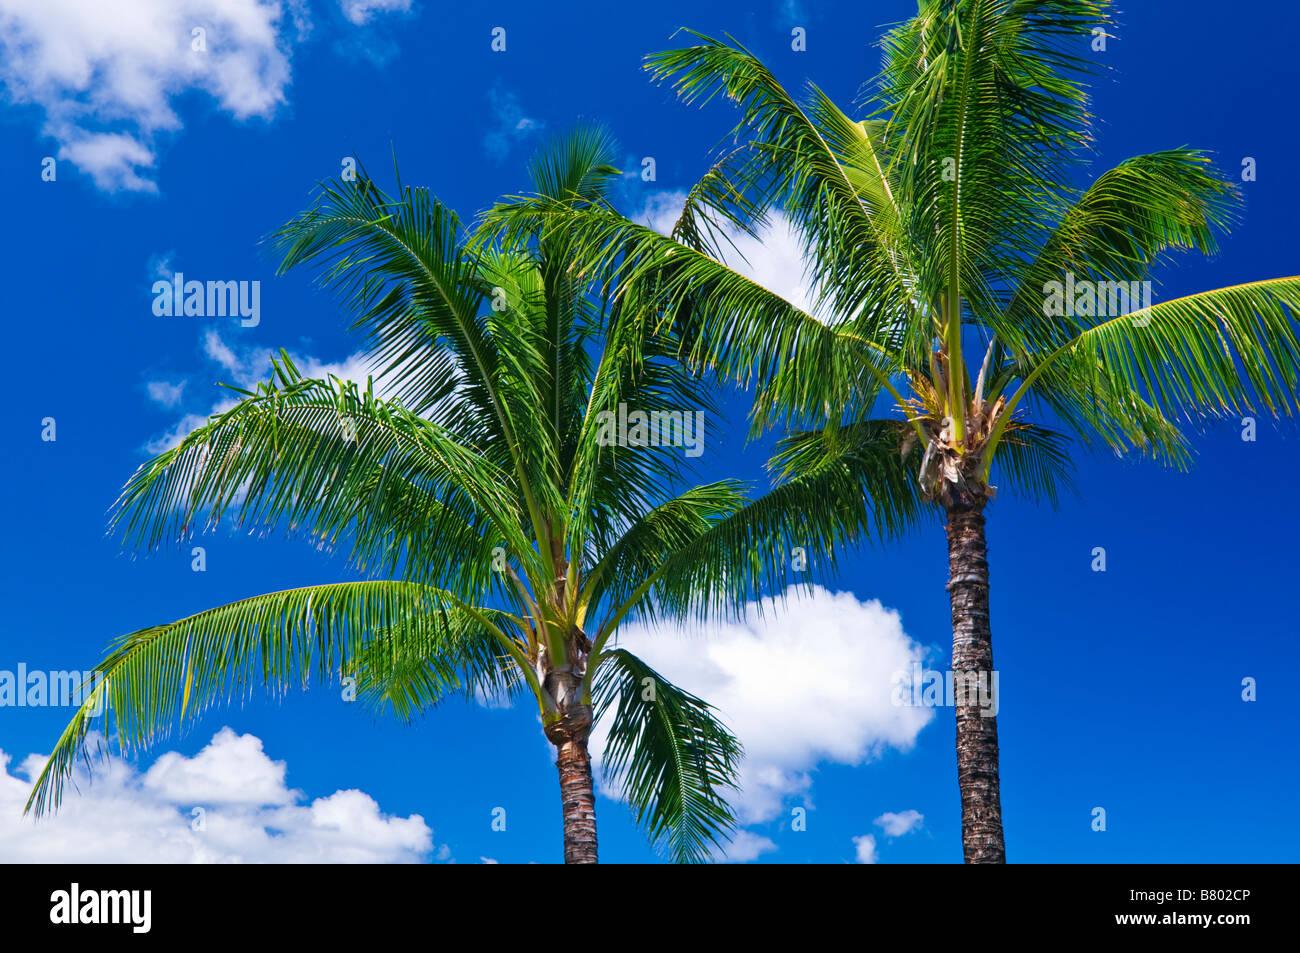 Las palmas de coco y cielo azul isla de Kauai Hawaii Foto de stock